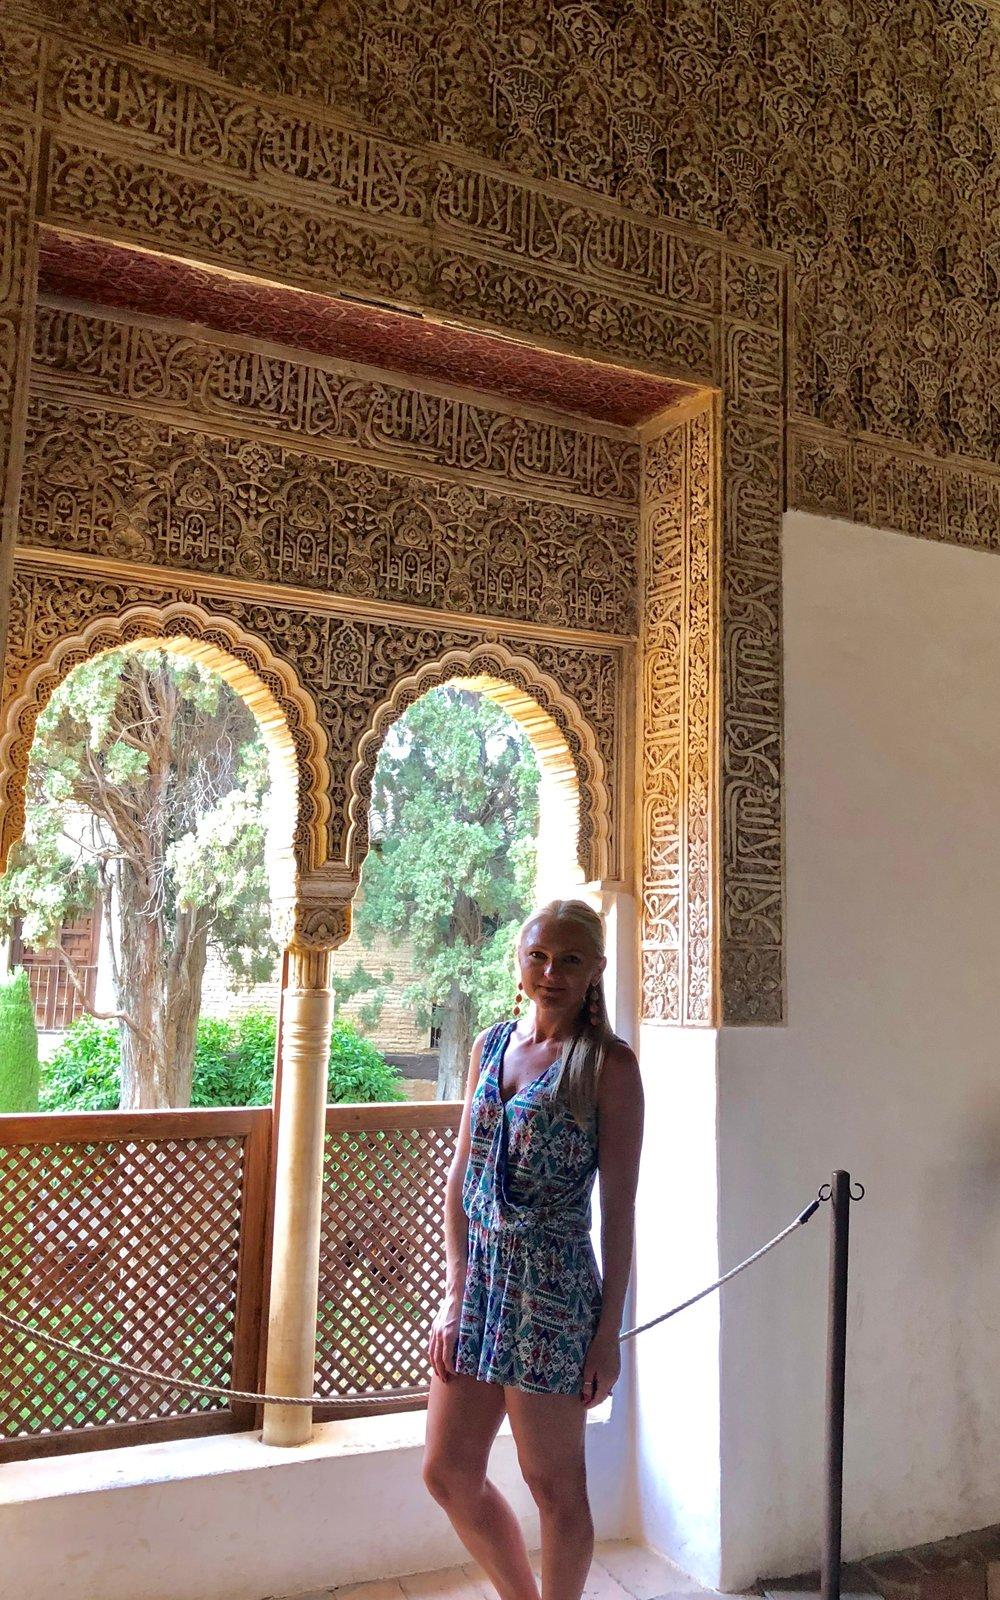 Wore this Romper to tour La Alhambra in Granada, Spain